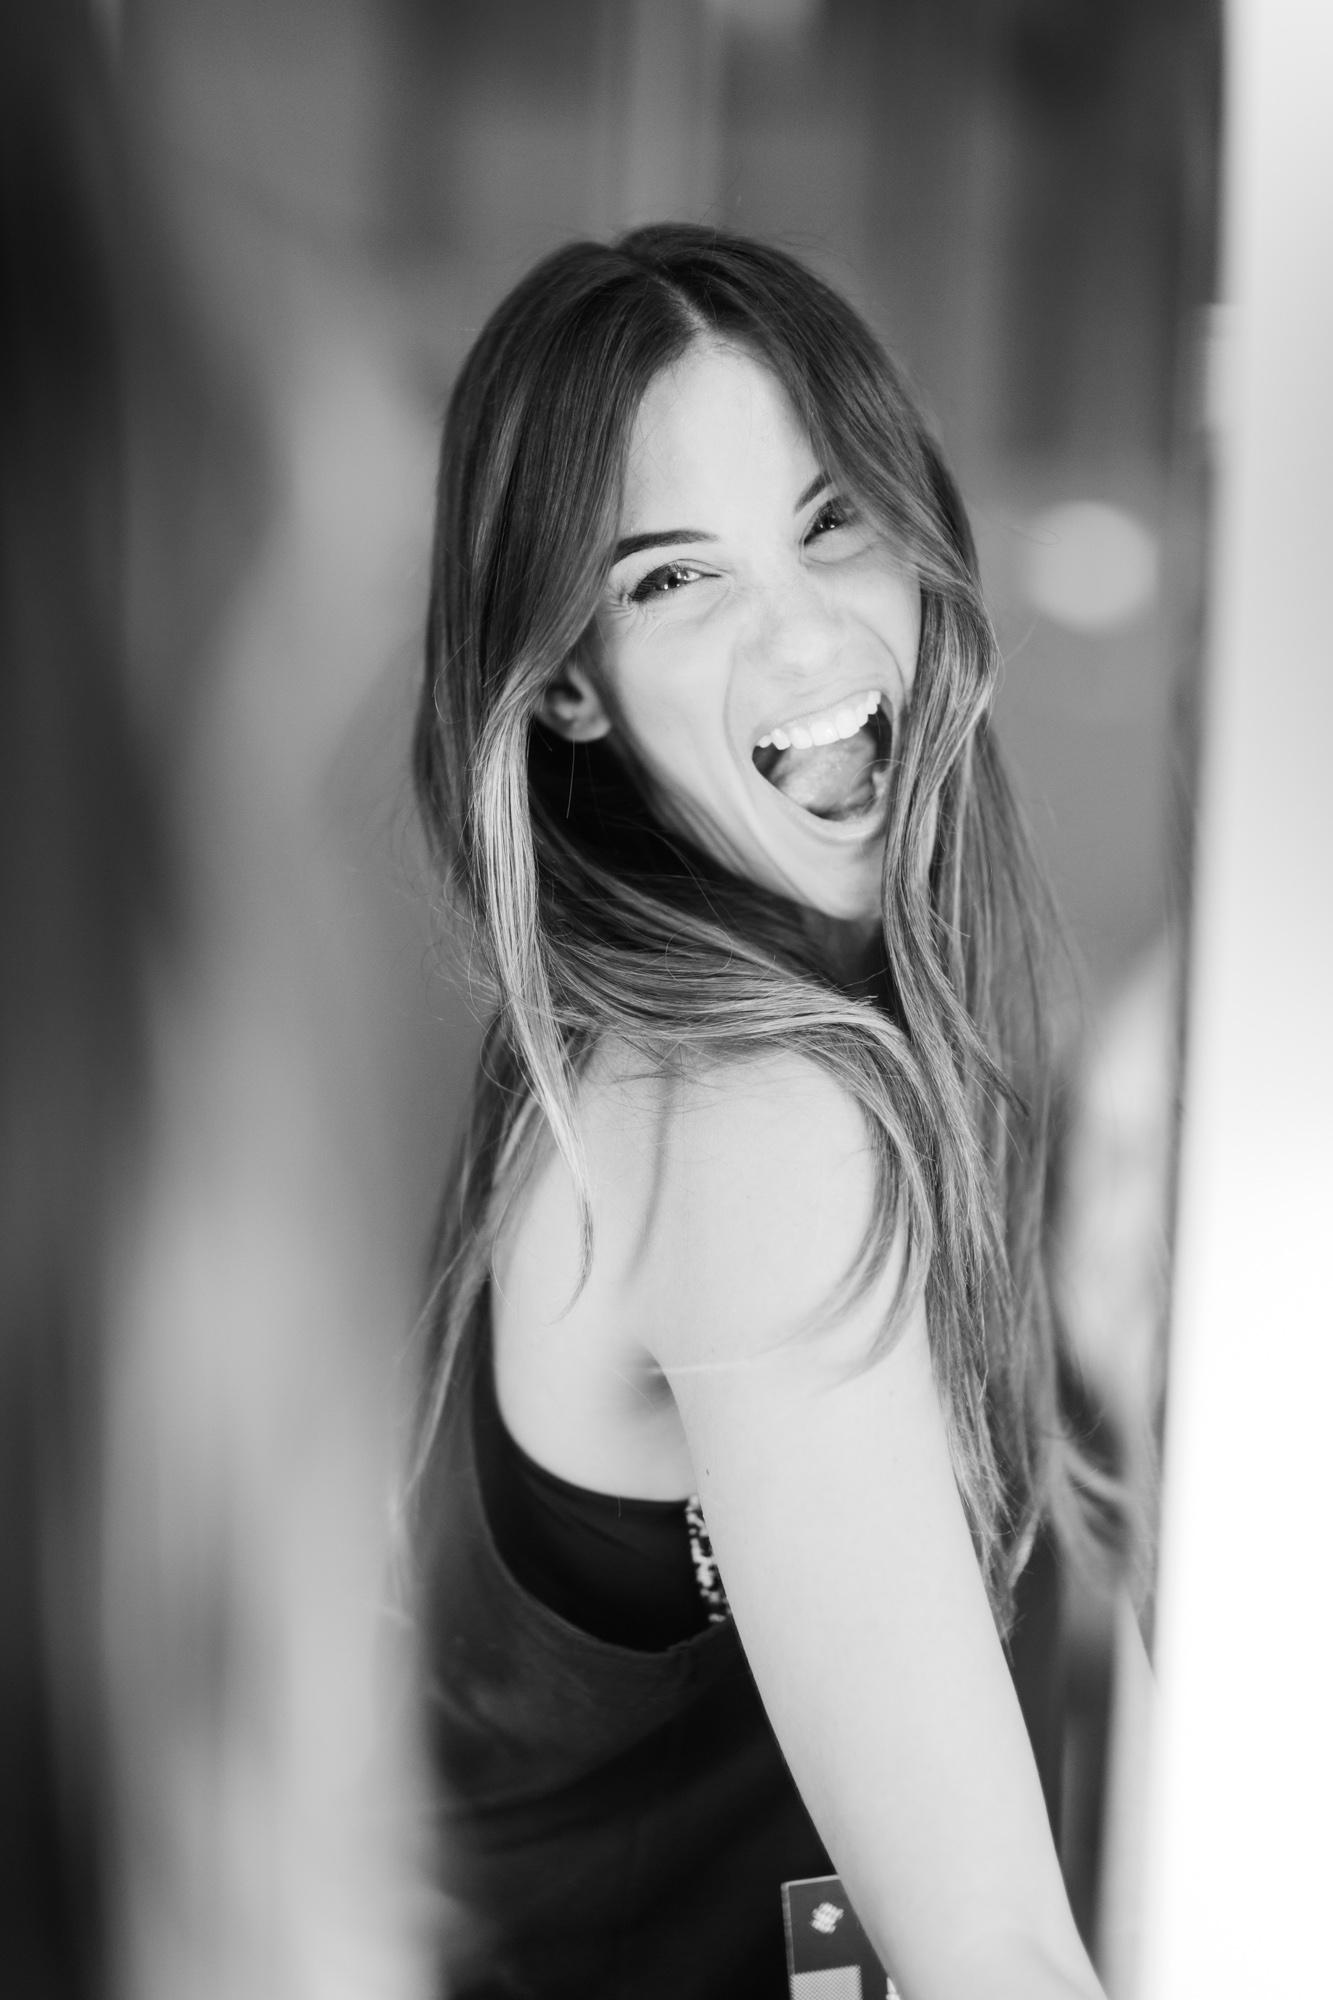 Caroline Hili Backstage_94B8474-53.jpg